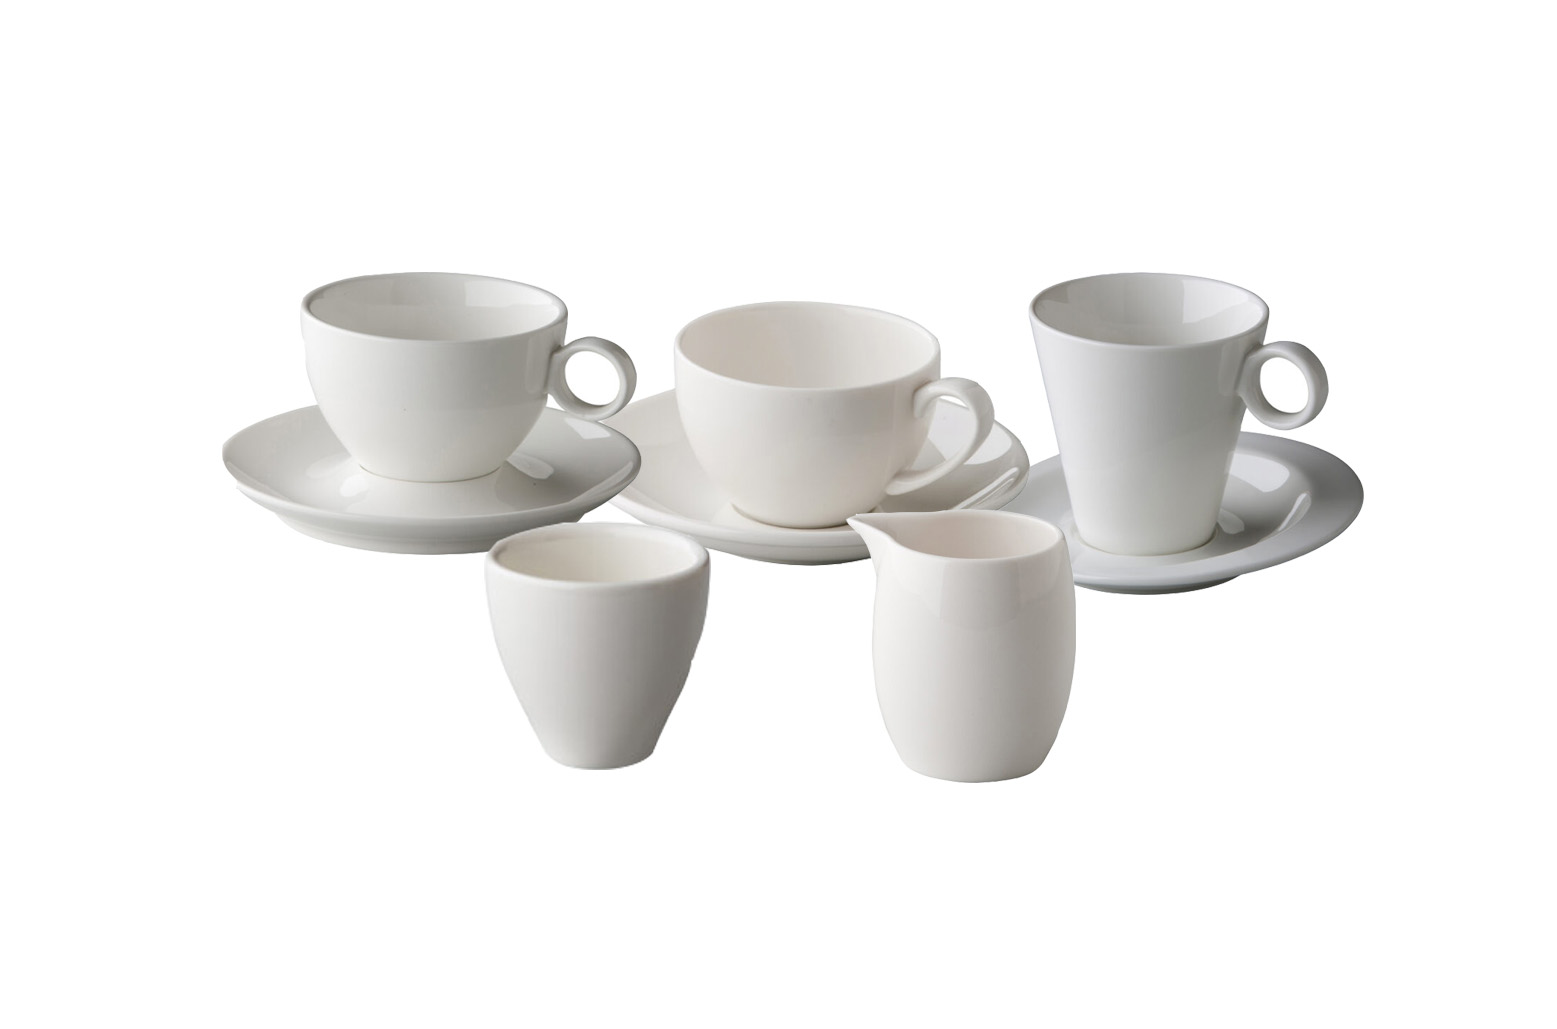 Koffie- en theepresentatie